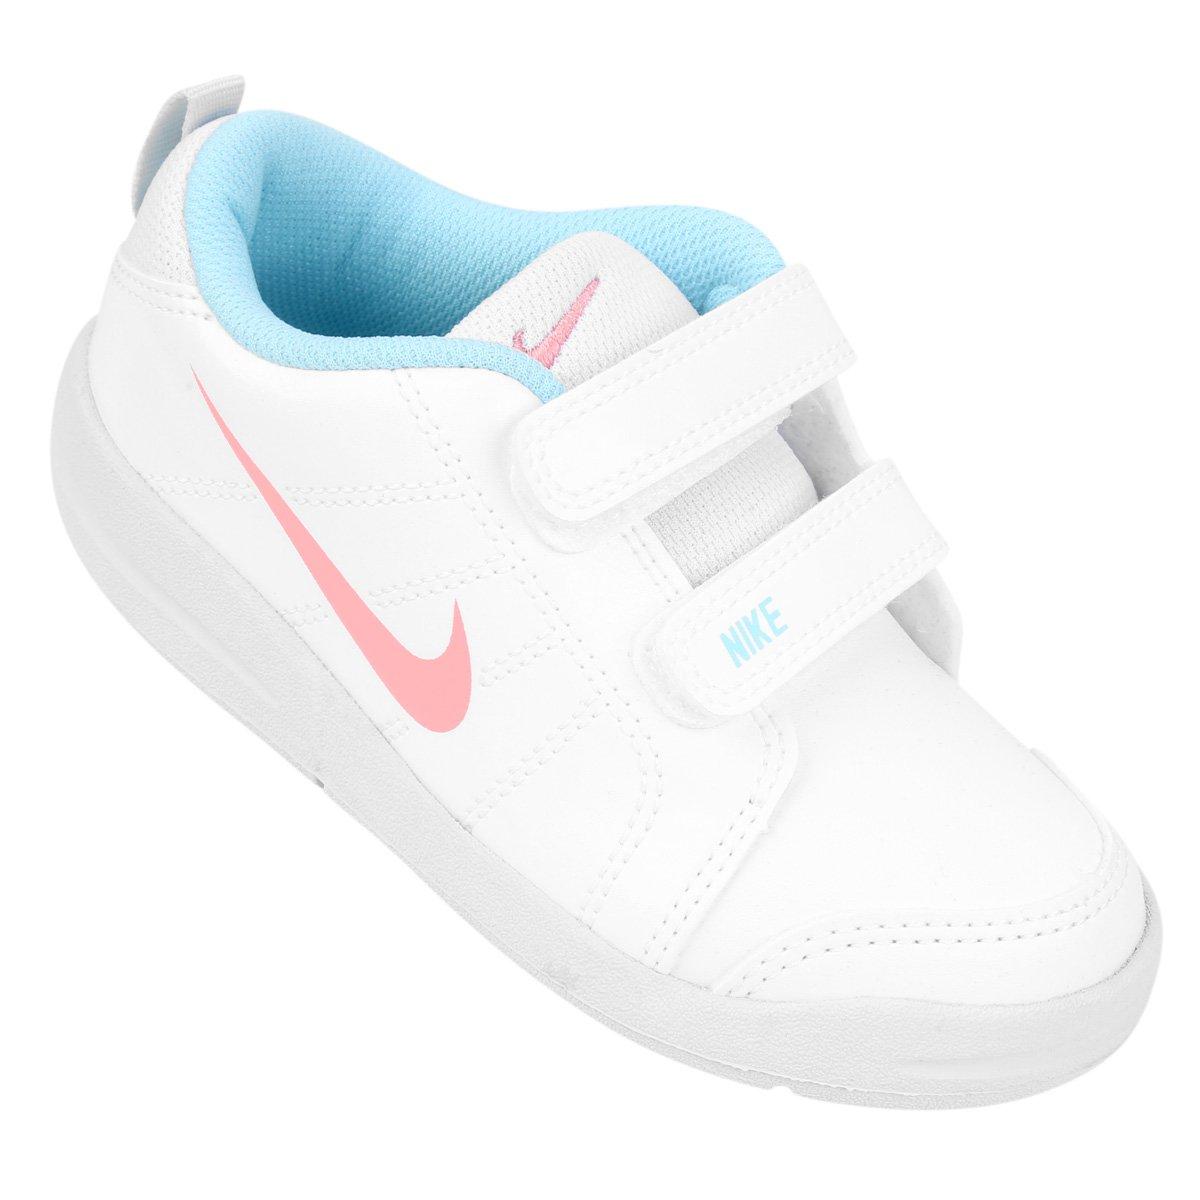 301dfcfa3a4 Tênis Infantil Nike Pico Lt - Branco e Azul Claro - Compre Agora ...